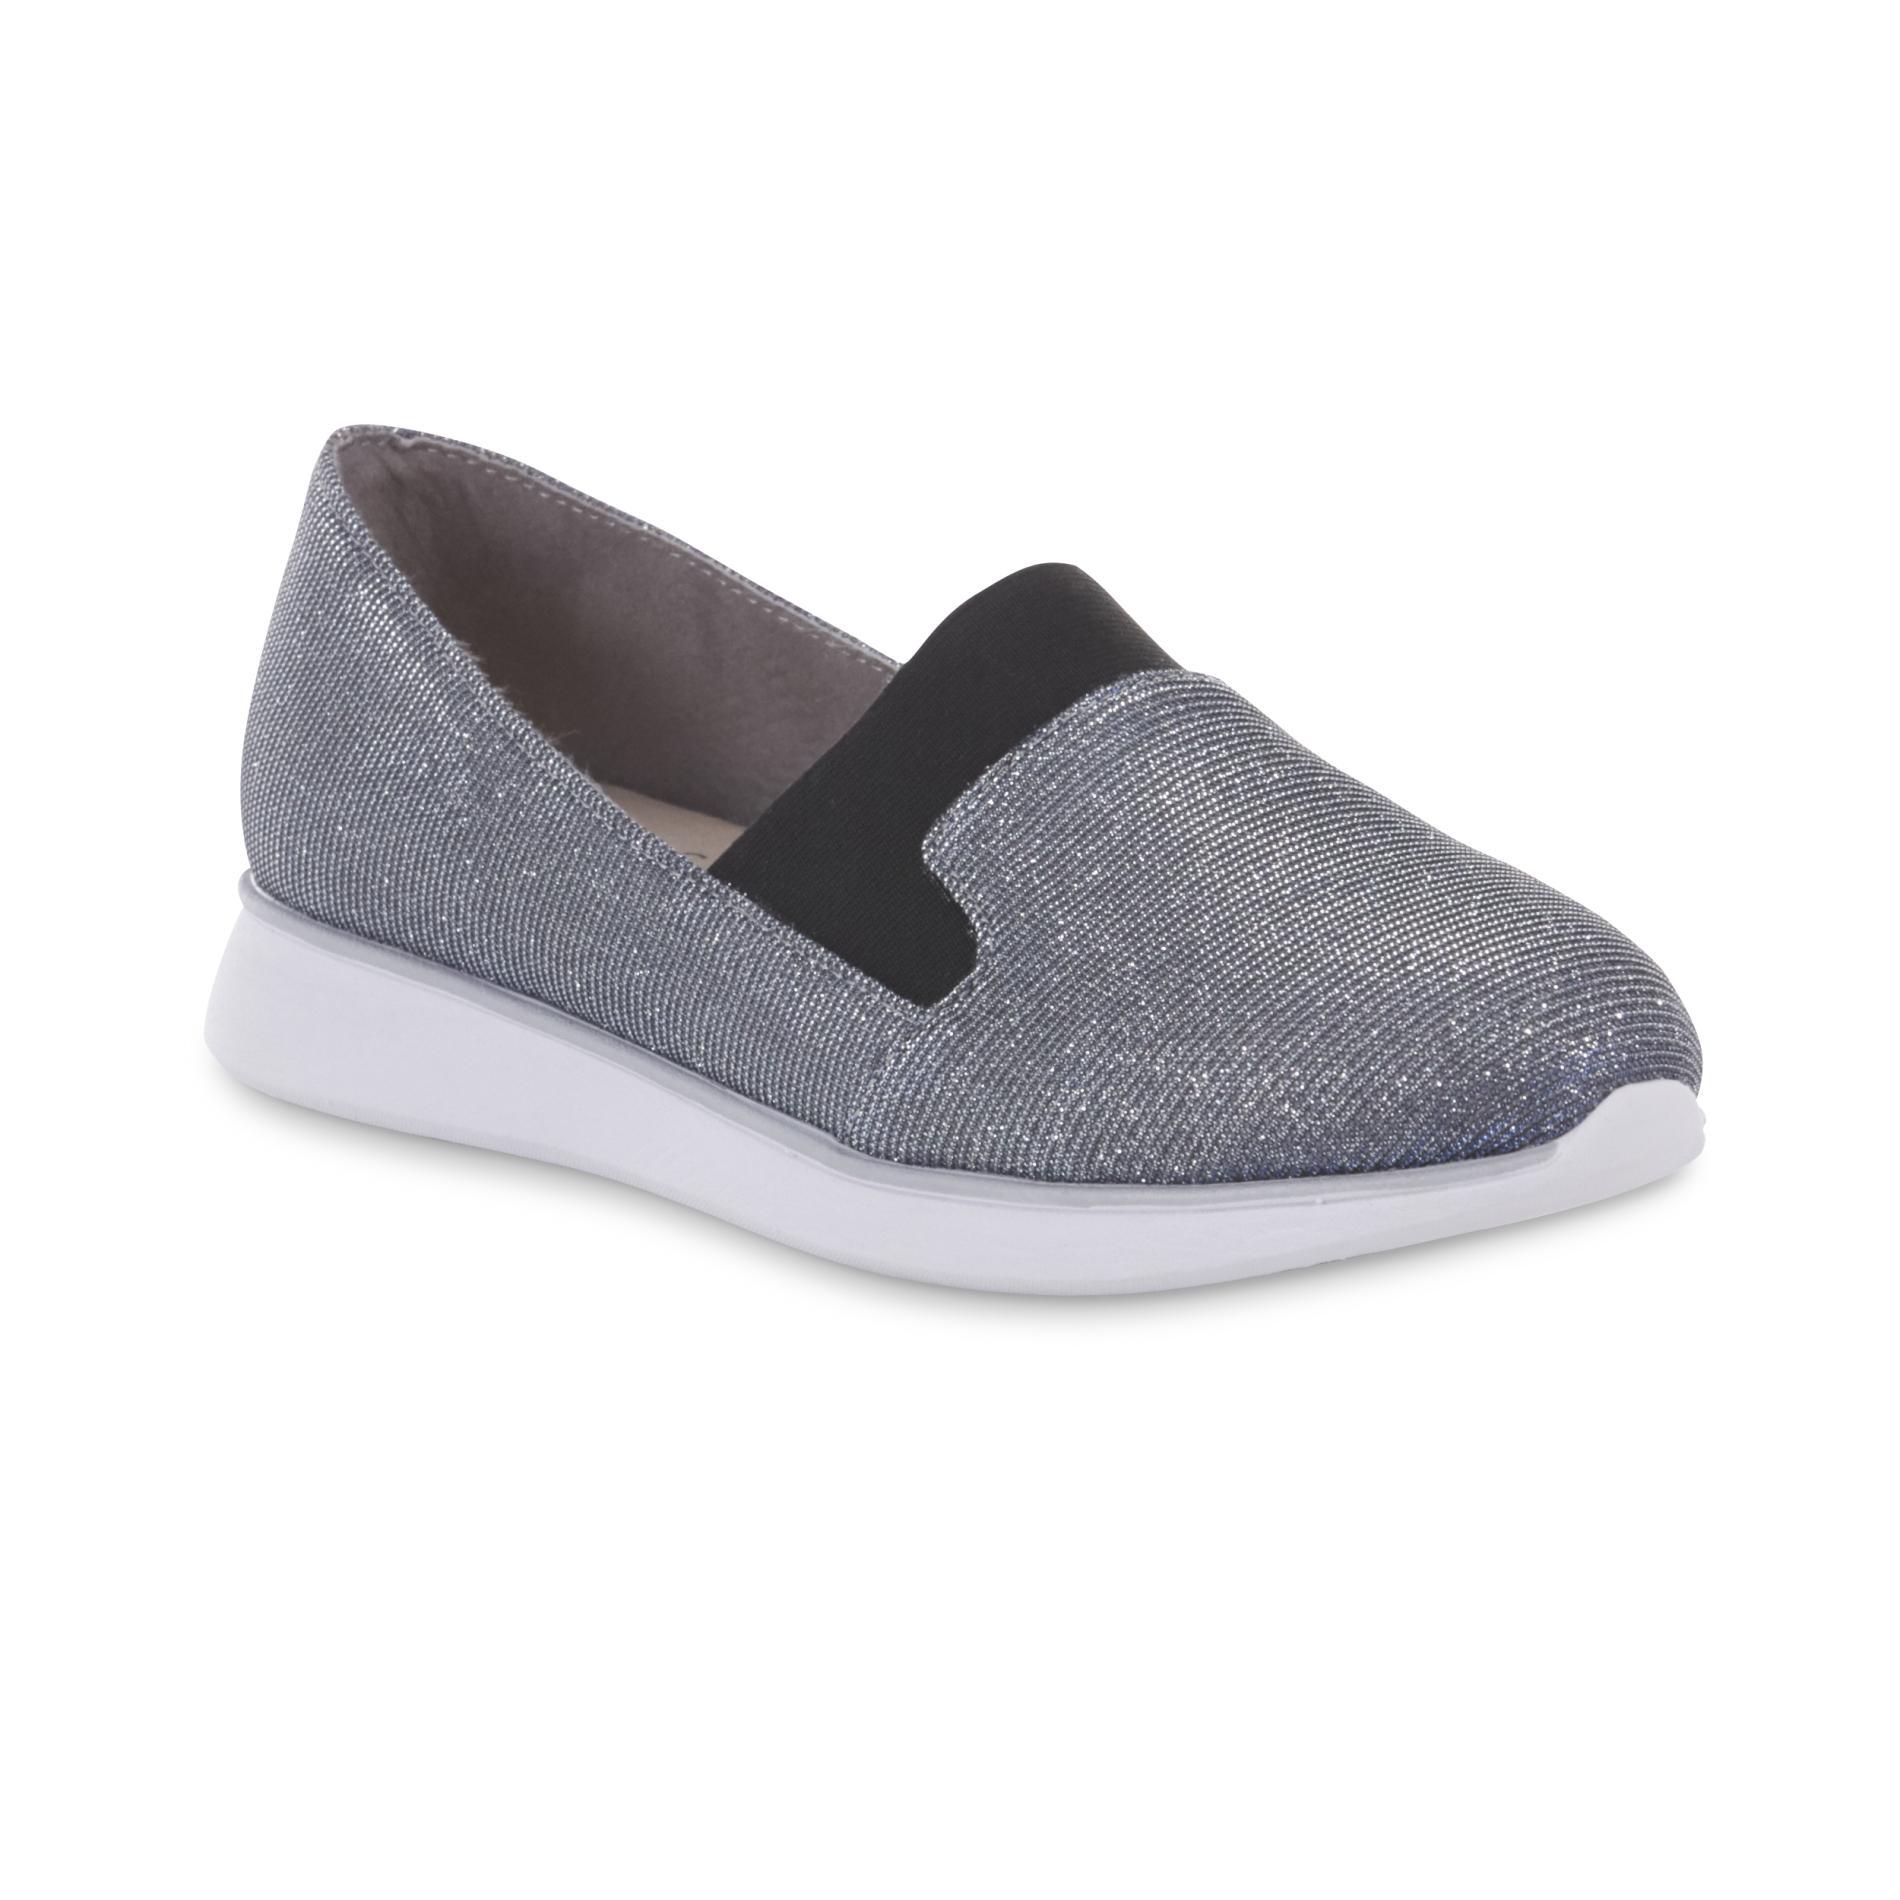 Basic Editions Women's Gunner Slip-On Sneaker - Grey Shimmer PartNumber: 035VA90831212P MfgPartNumber: 40799